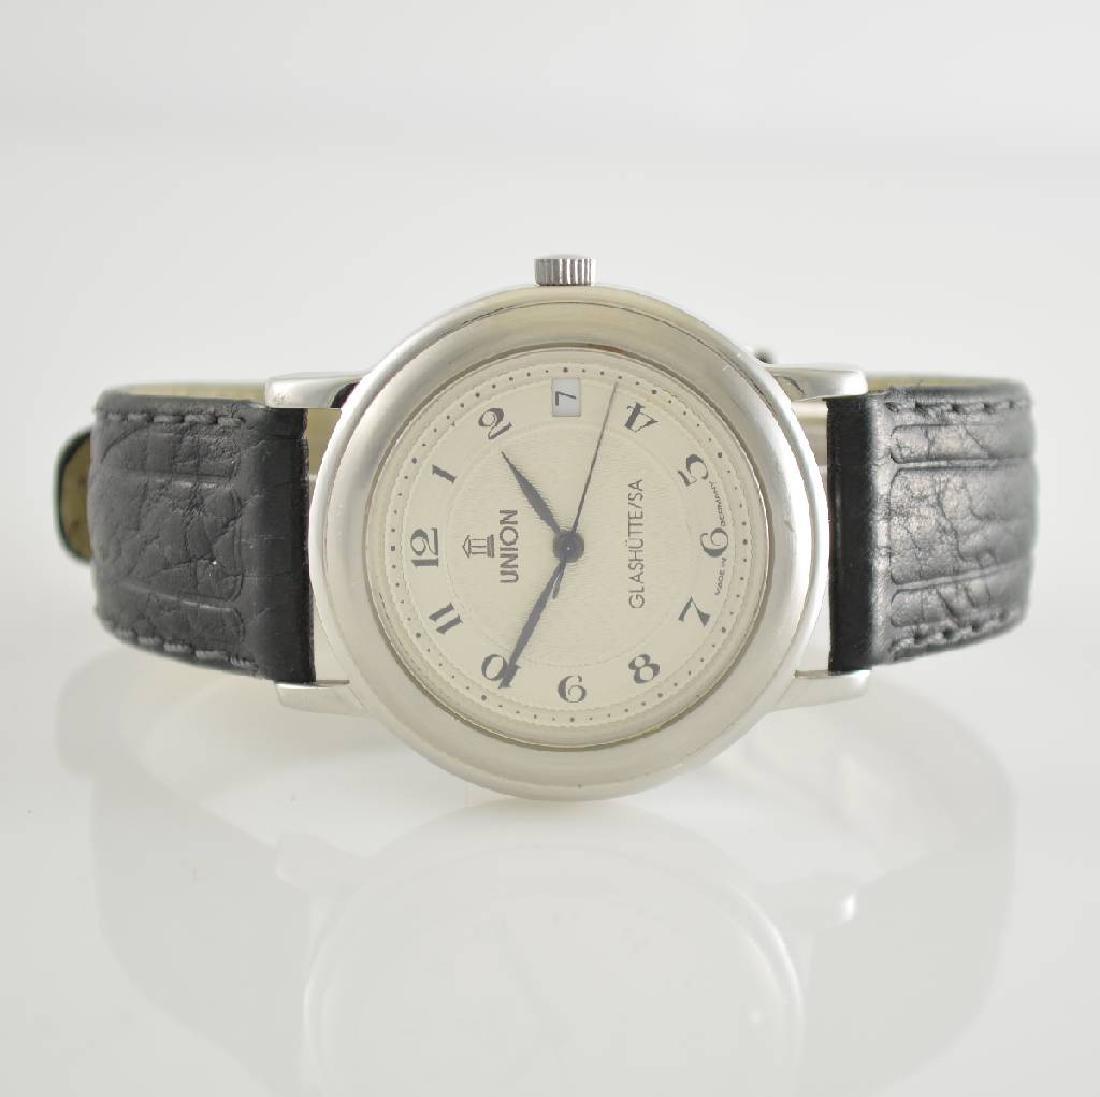 UNION GLASHUTTE gents wristwatch in steel